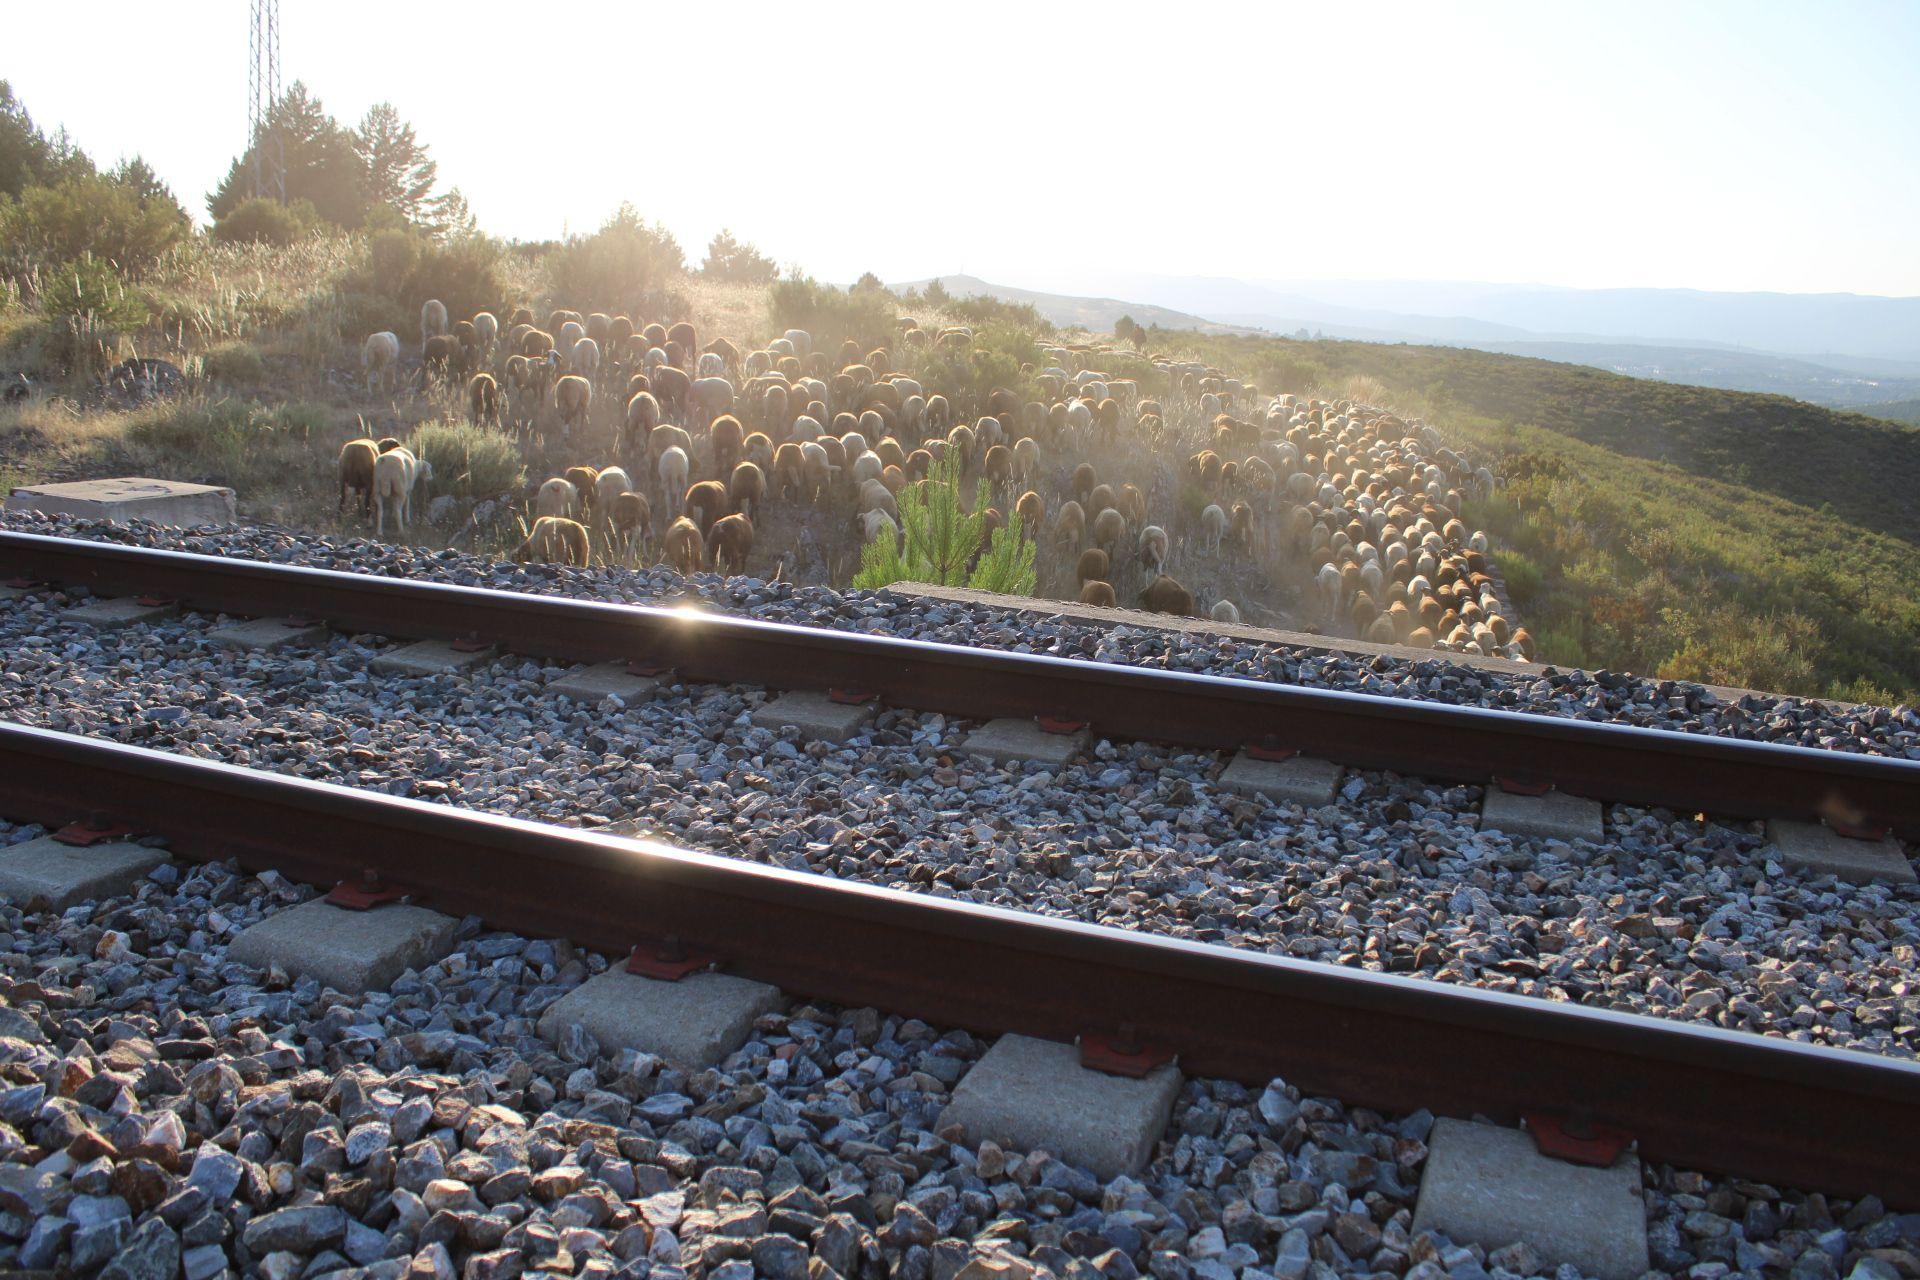 La cabaña trashumante se dispone a cruzar la vía del tren en Robledo.